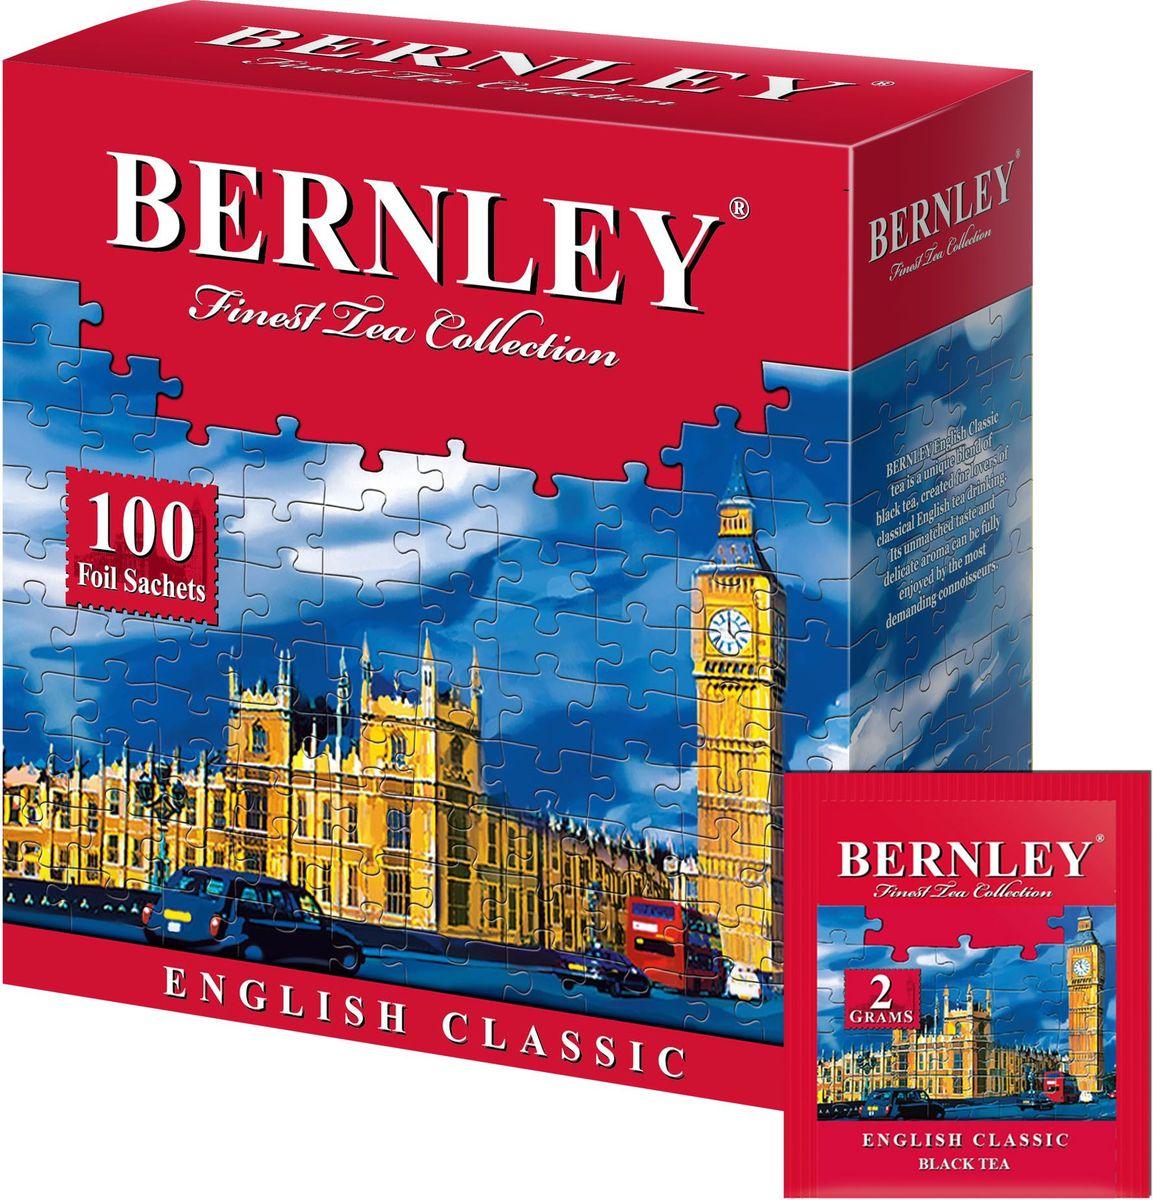 Bernley English Classic чай черный байховый мелкий в пакетиках, 100 шт1070129Чай Bernley English Classic в конвертах имеет терпкий вкус, отлично сбалансированный, с восхитительно утонченными оригинальными оттенками. Быстро восстанавливает силы, повышает жизненный тонус. Подходит для чаепития в любое время суток.Всё о чае: сорта, факты, советы по выбору и употреблению. Статья OZON Гид